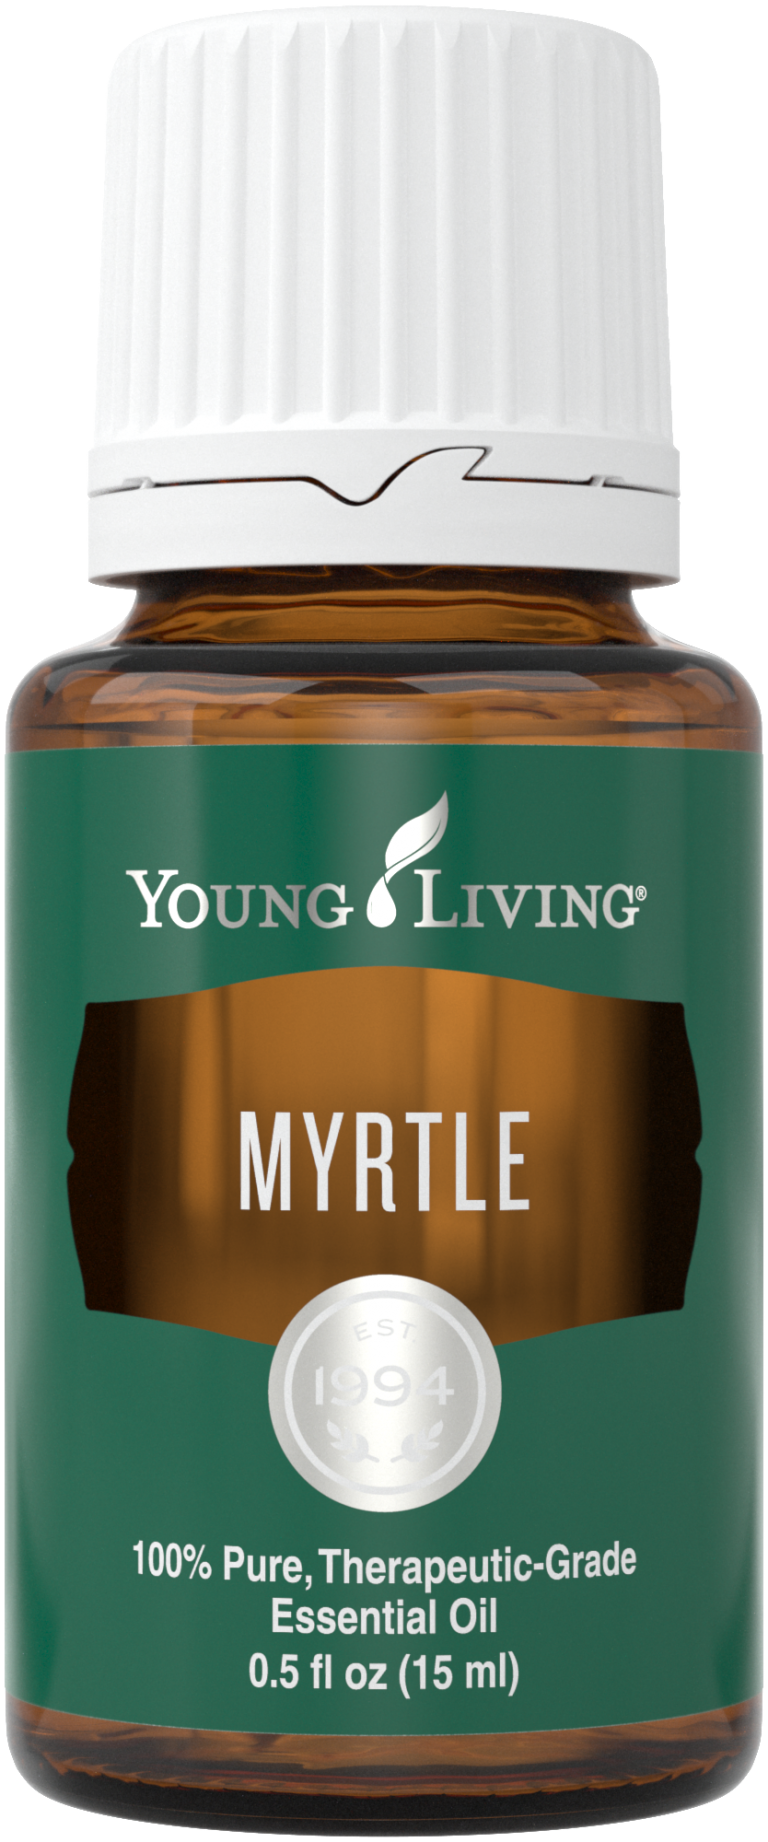 myrtle_15ml_silo_us_2016_24527317405_o